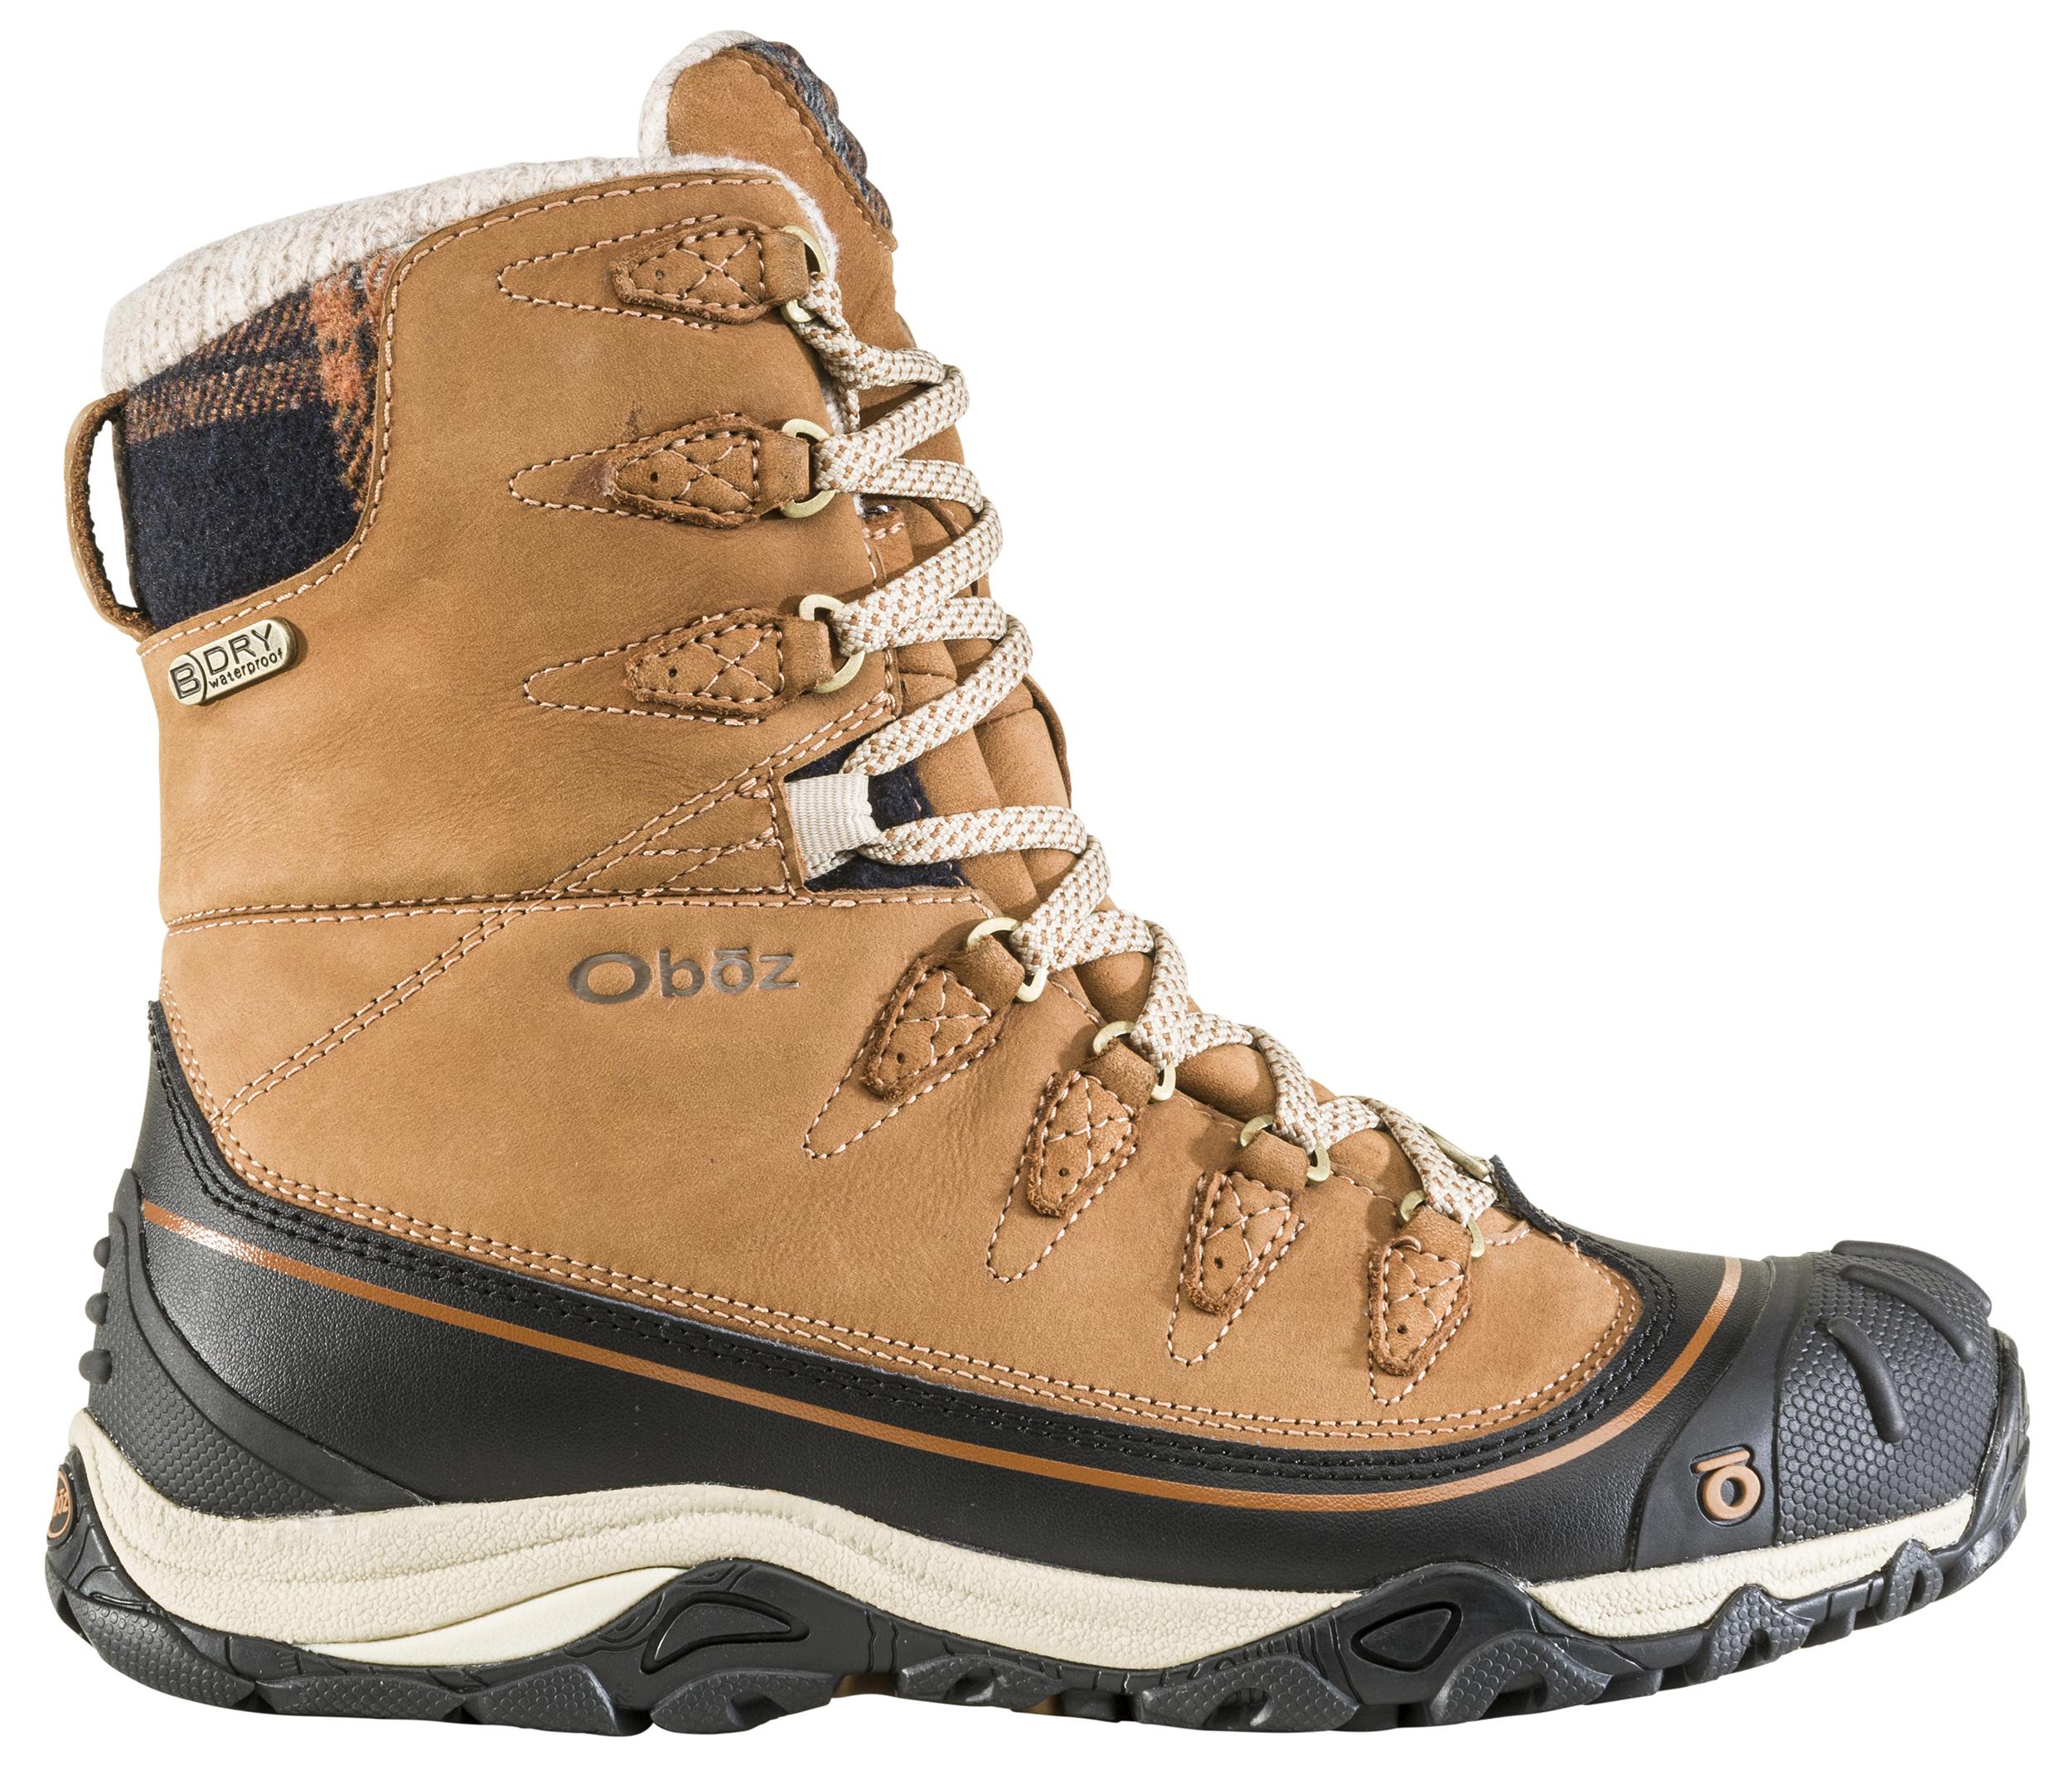 oboz sapphire boot